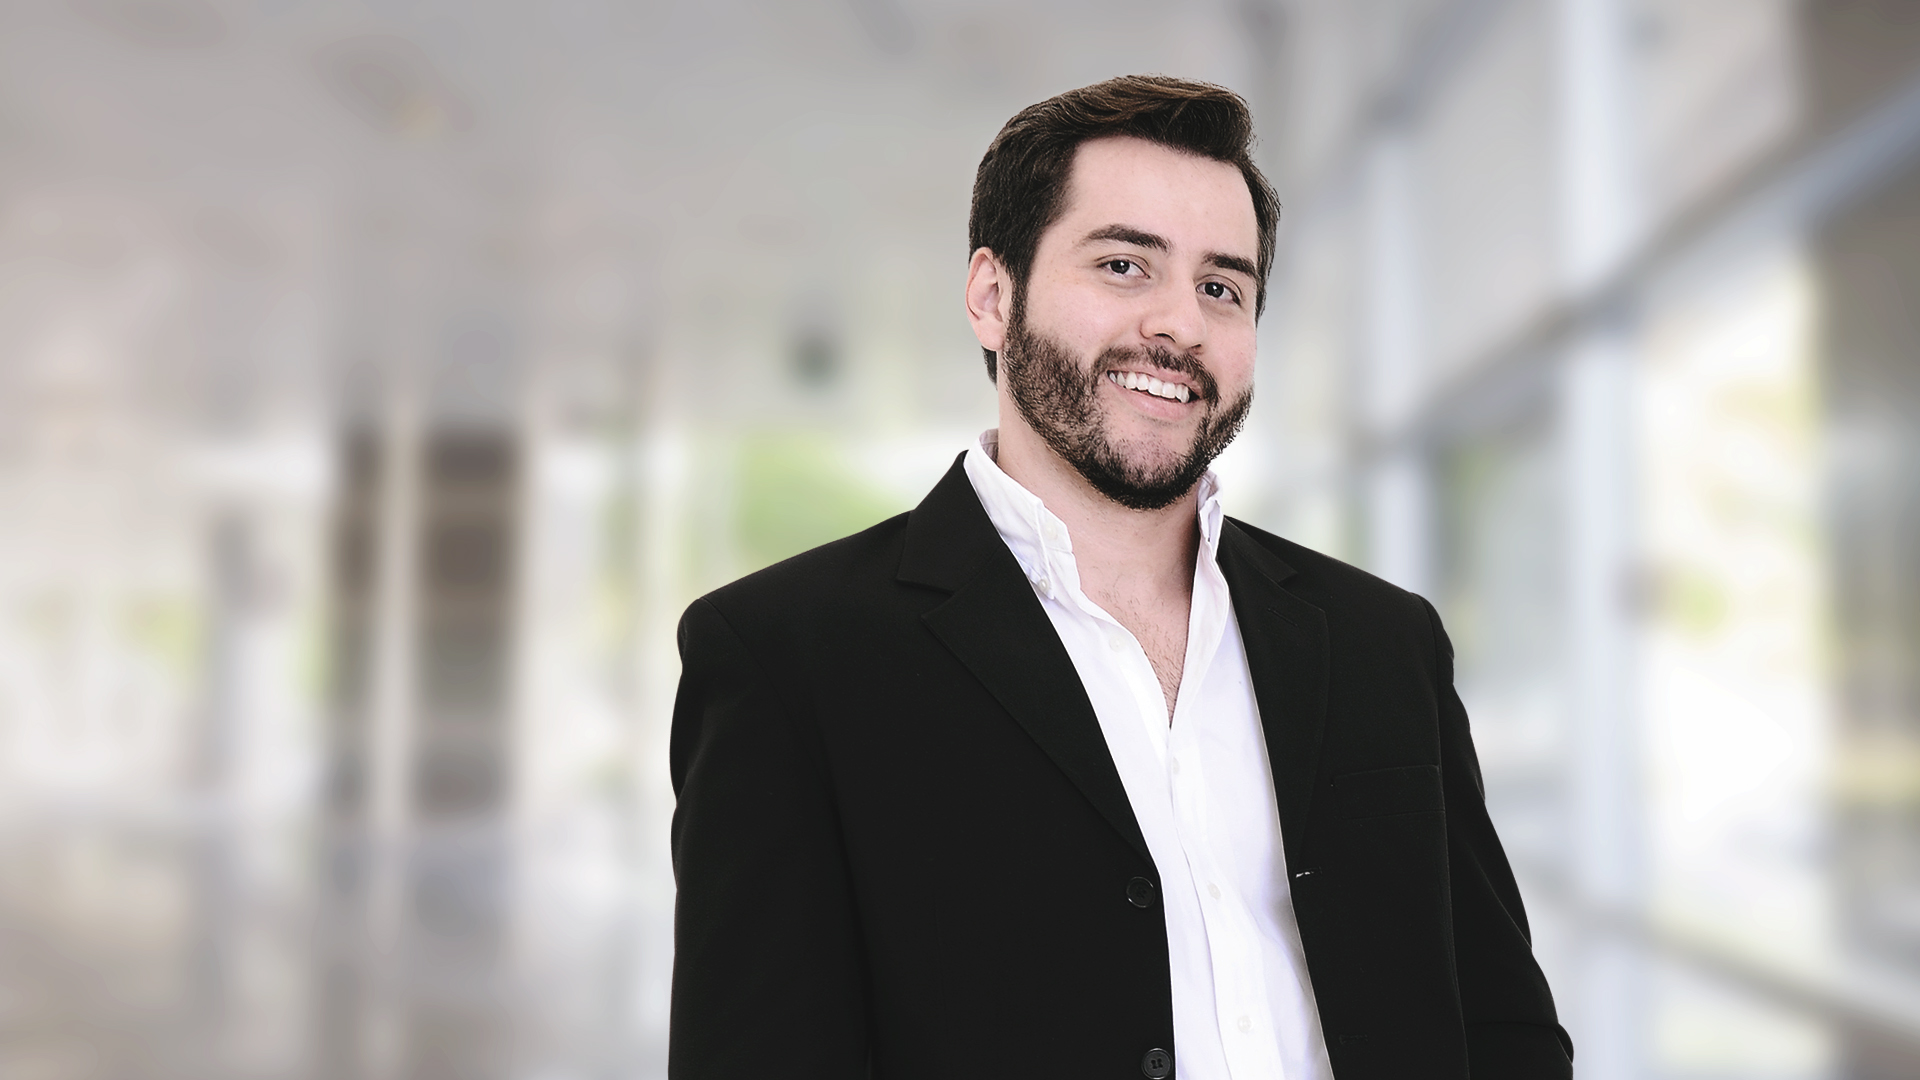 Resiliência e foco: conheça a história do aluno Filipe Trindade